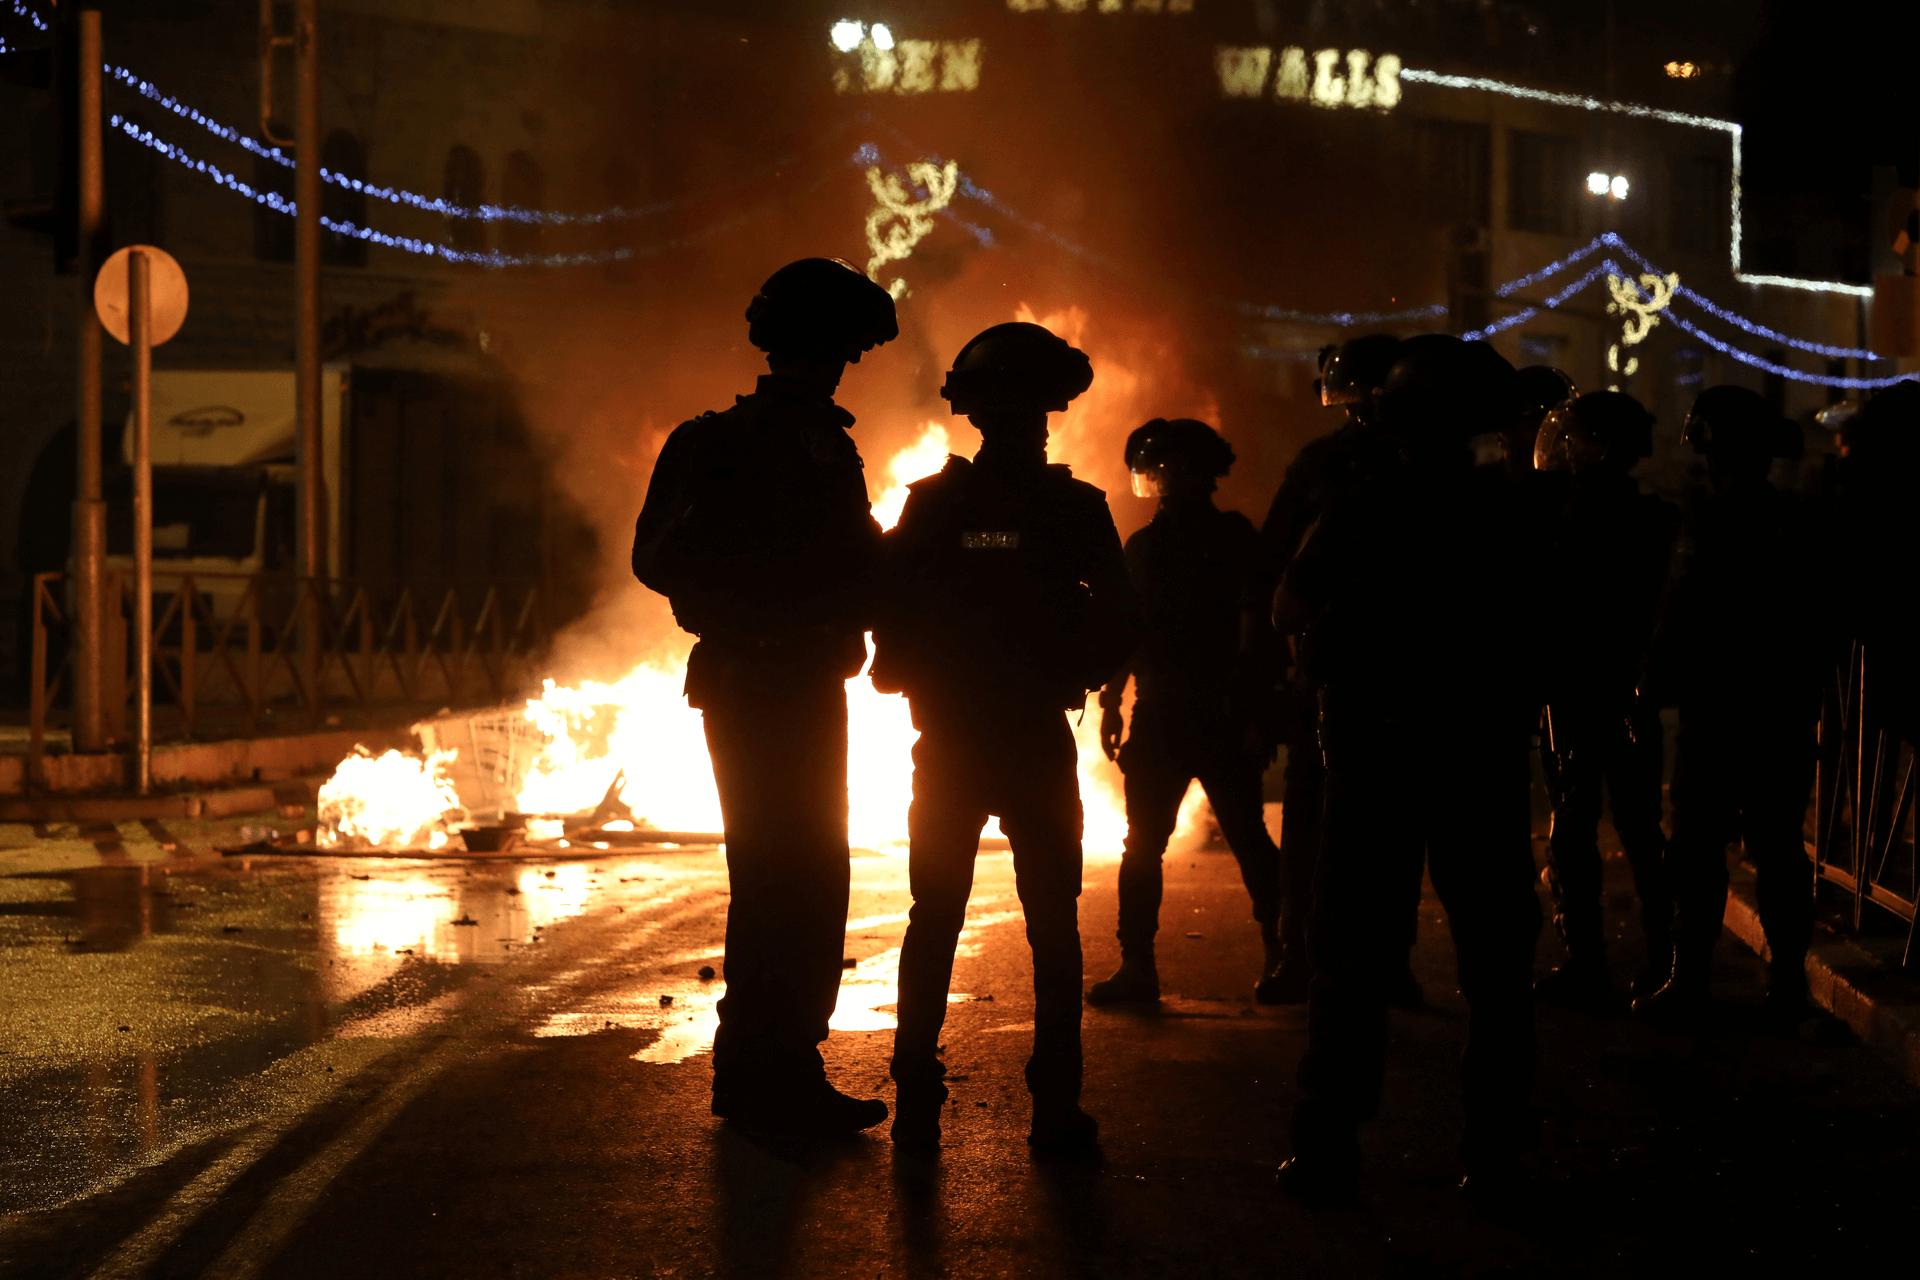 משטרת ישראל בפעולה. צילום אילוסטרציה: רויטרס